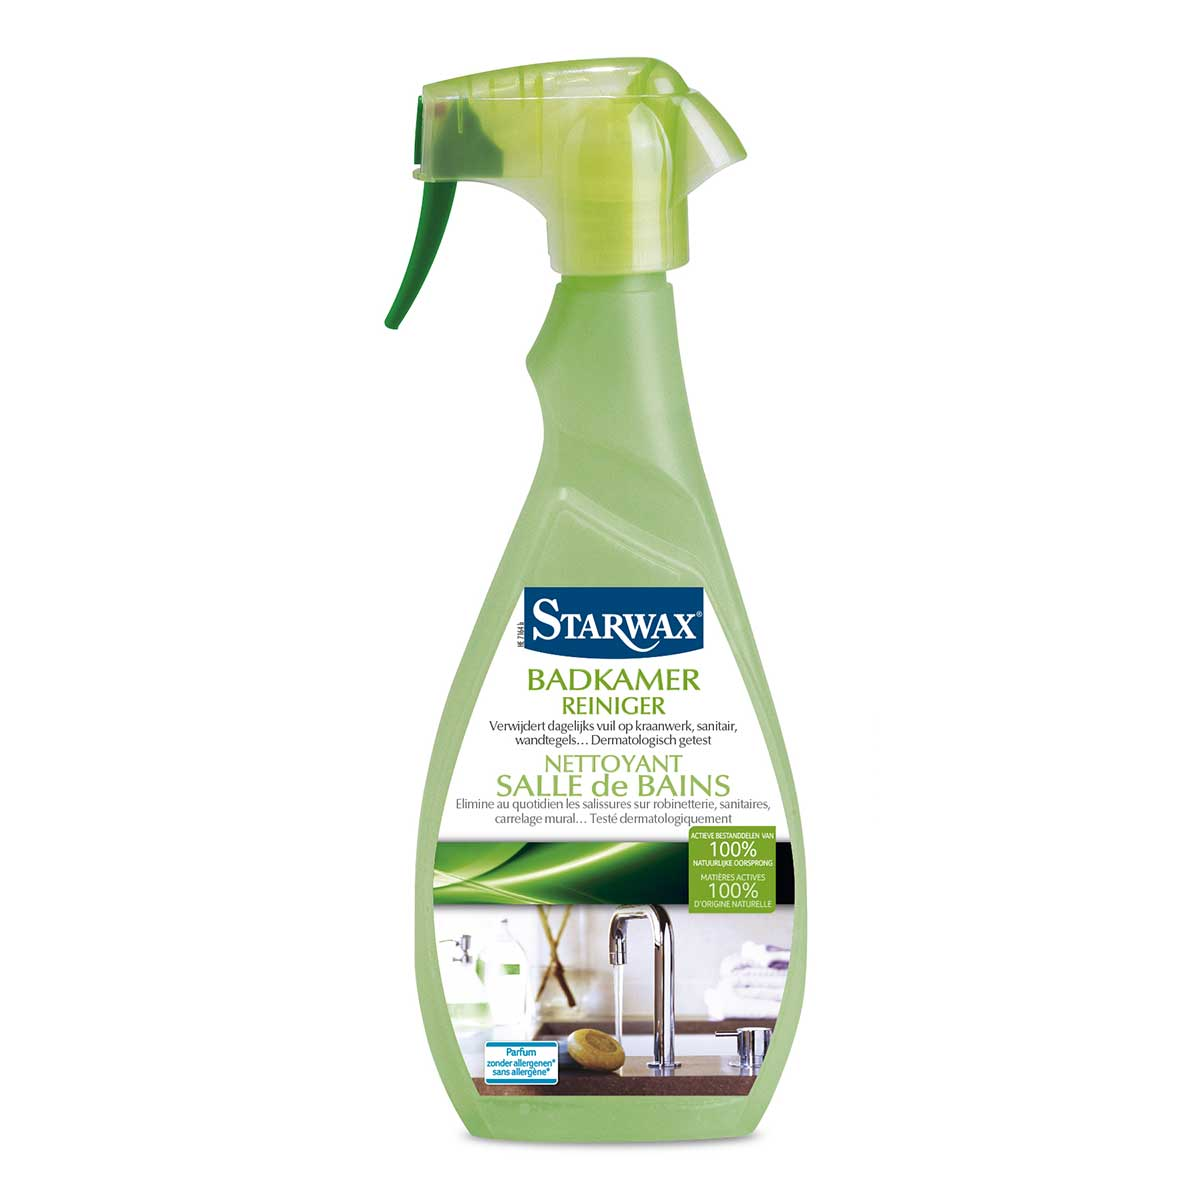 Nettoyant salle de bains avec matières actives 100% d'origine naturelle - Starwax